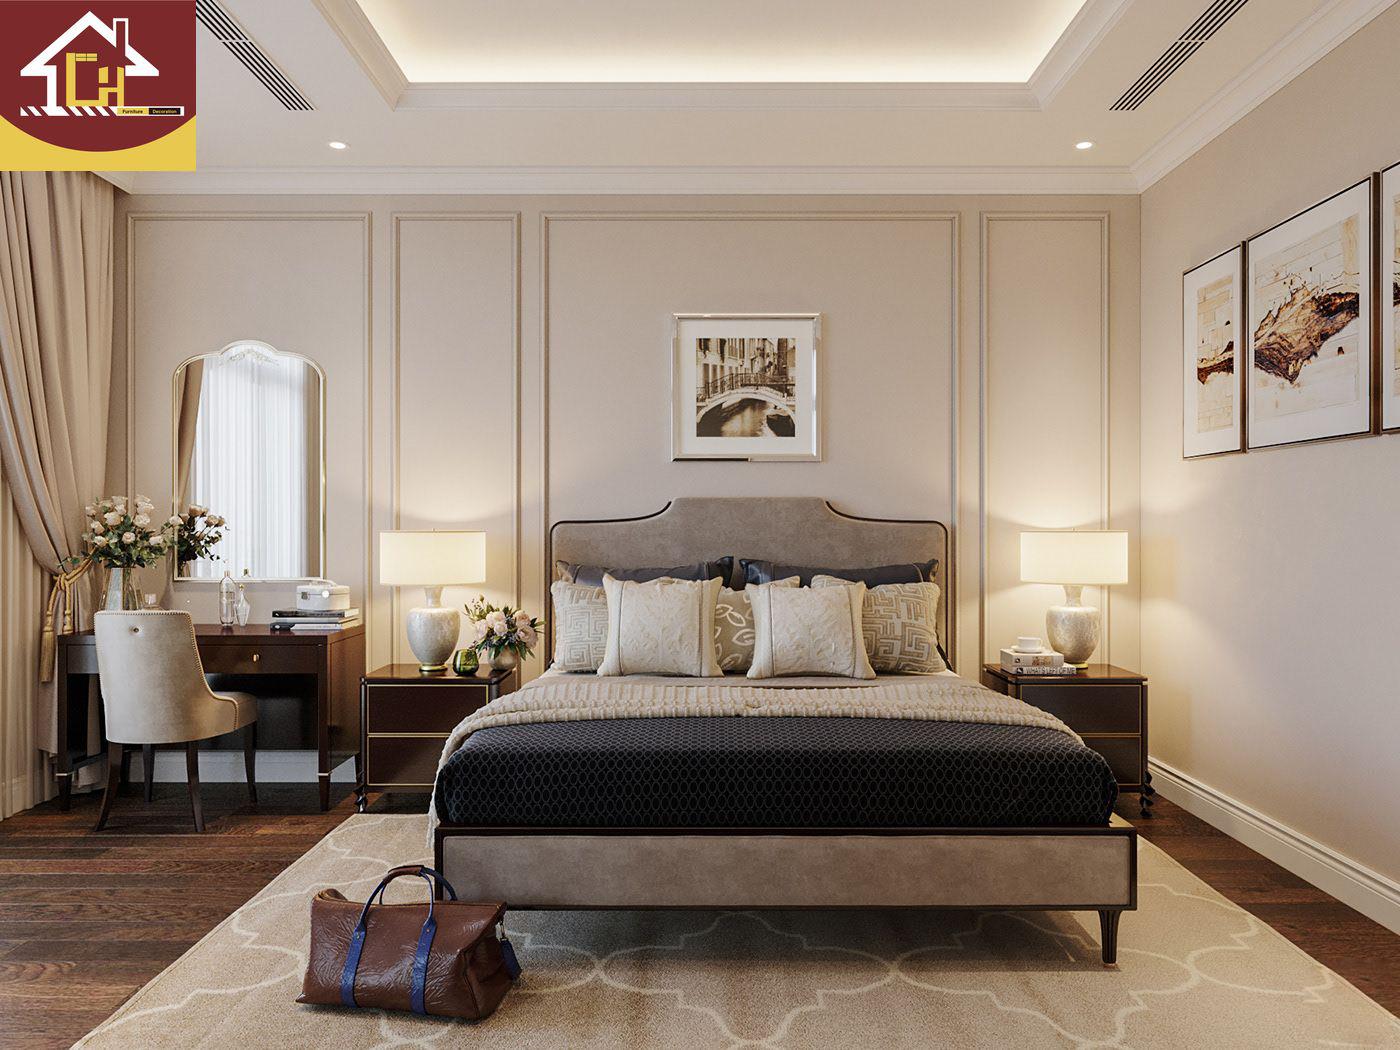 Thiết kế thi công nội thất biệt thự tại Vinhomes Smart City